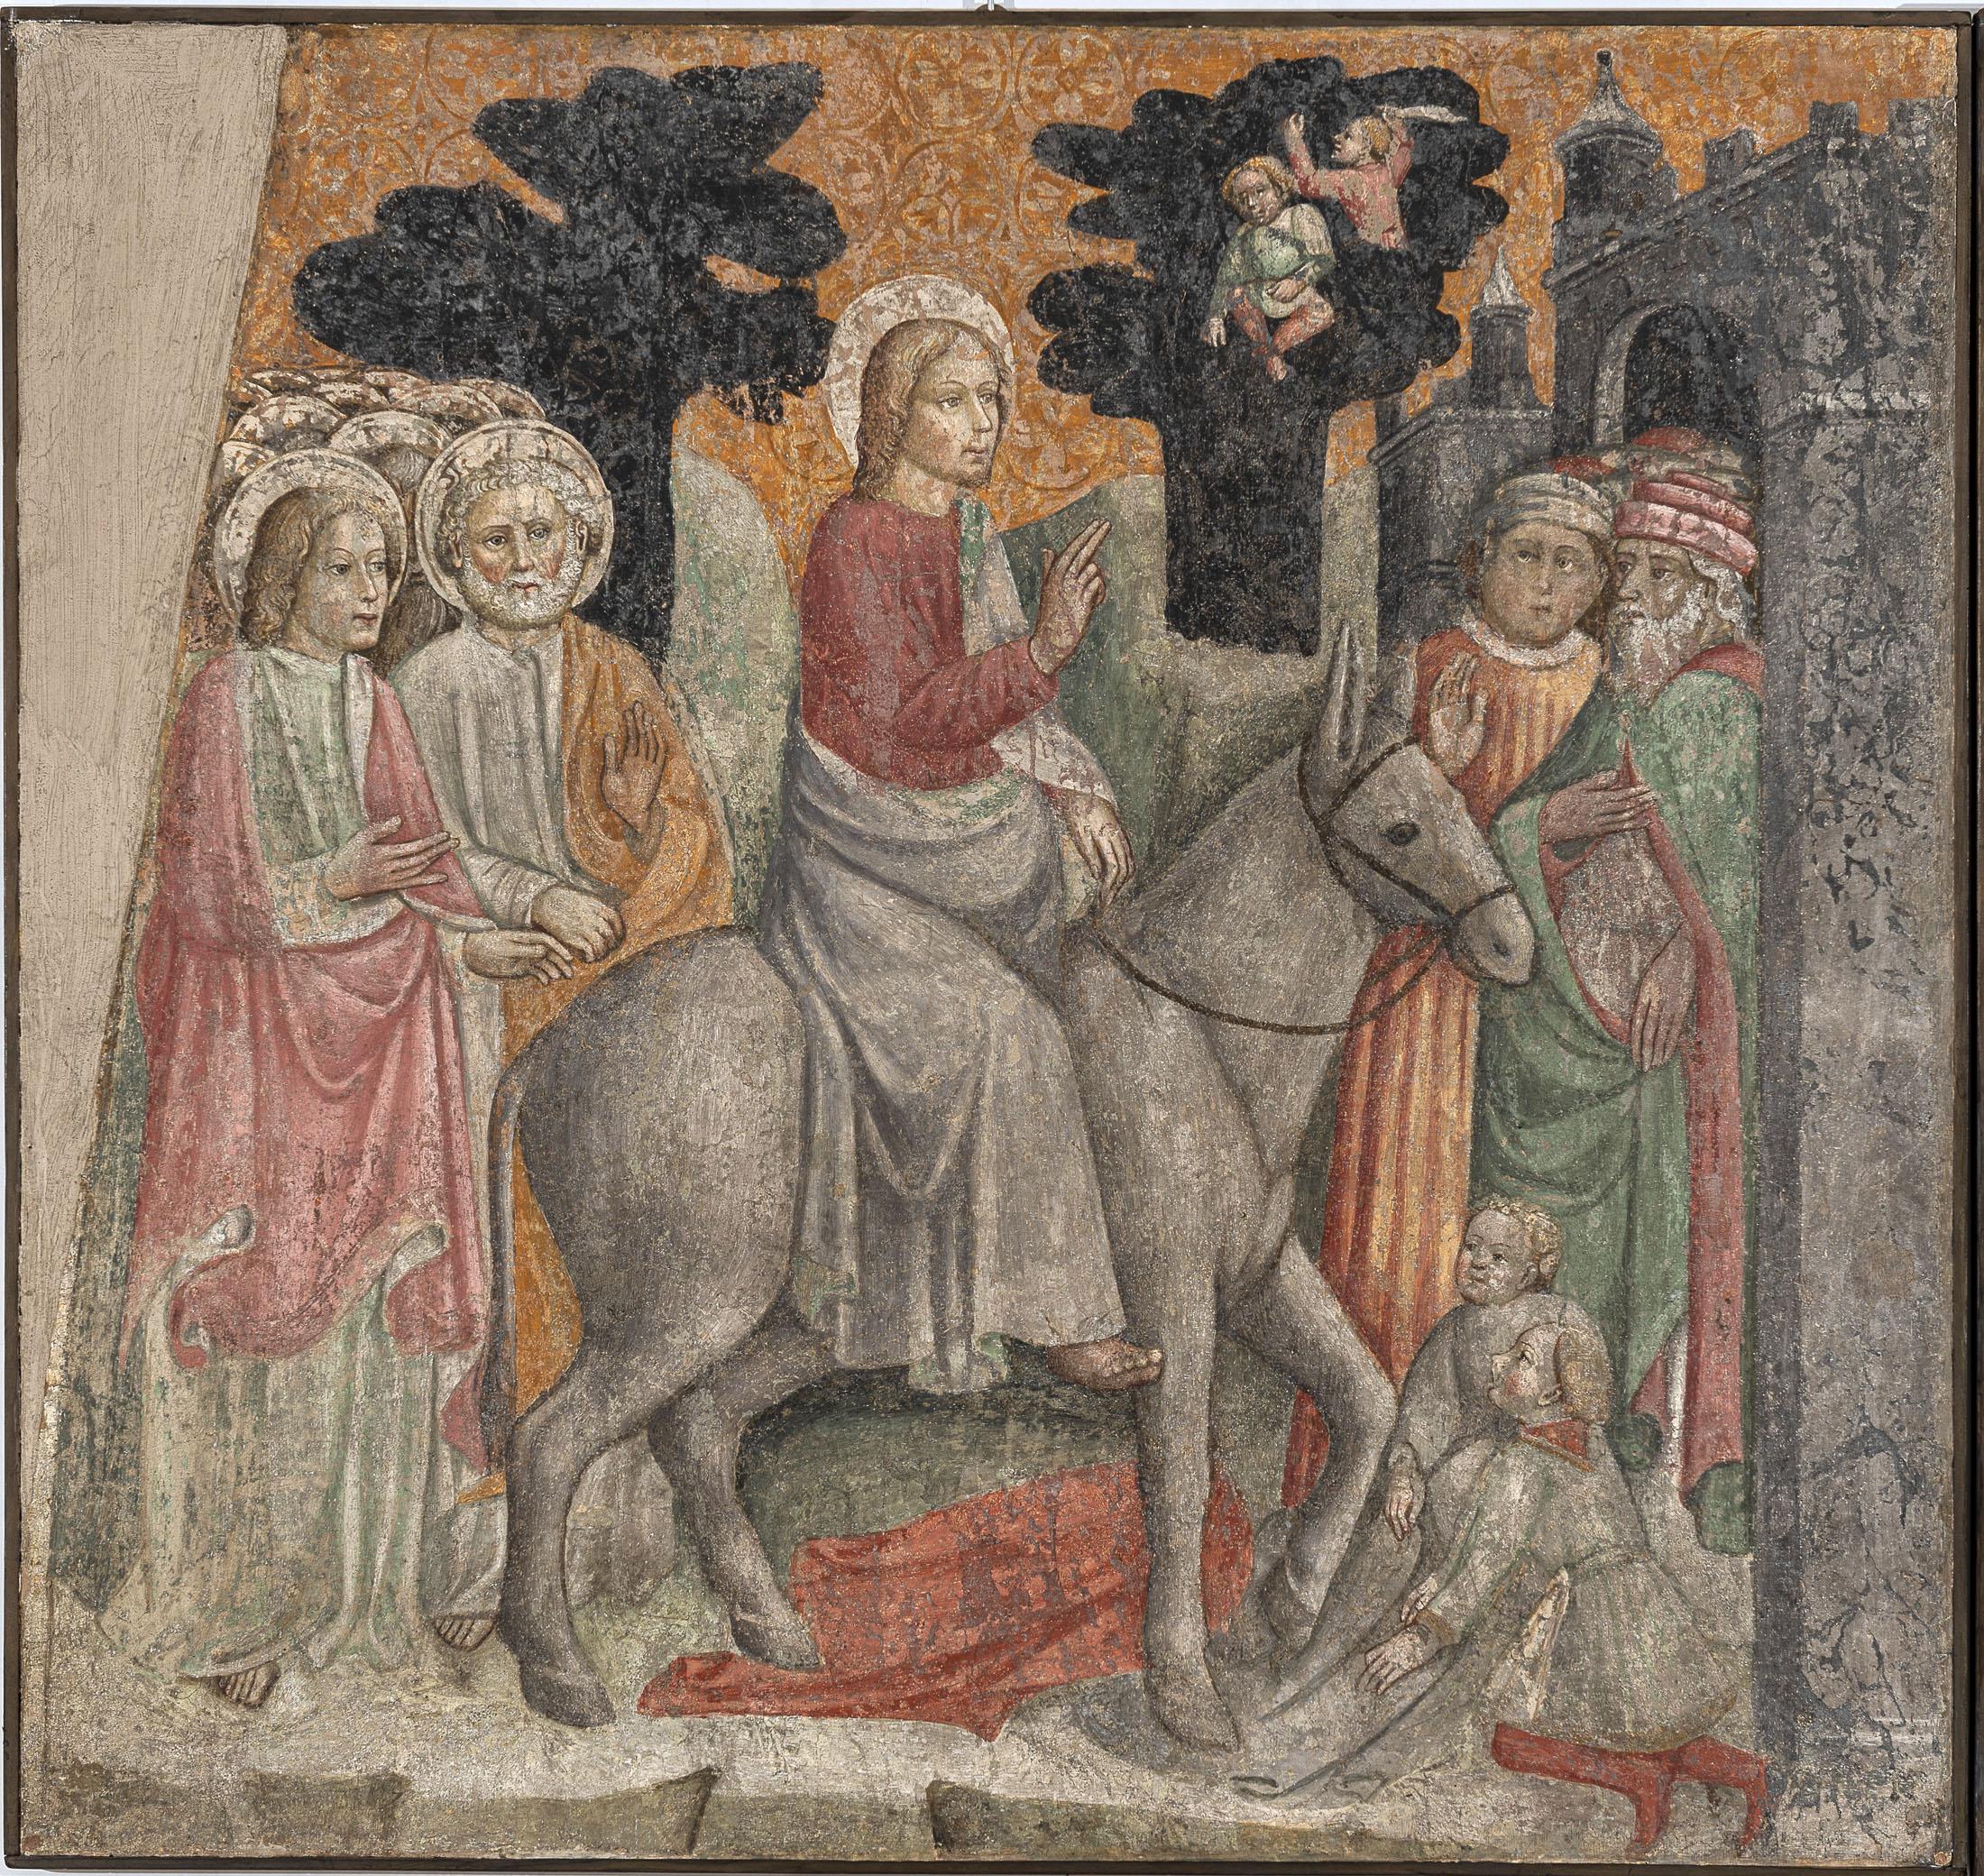 Storie della Passione. Gli affreschi del monastero di Santa Chiara in mostra al Museo Diocesano di Milano